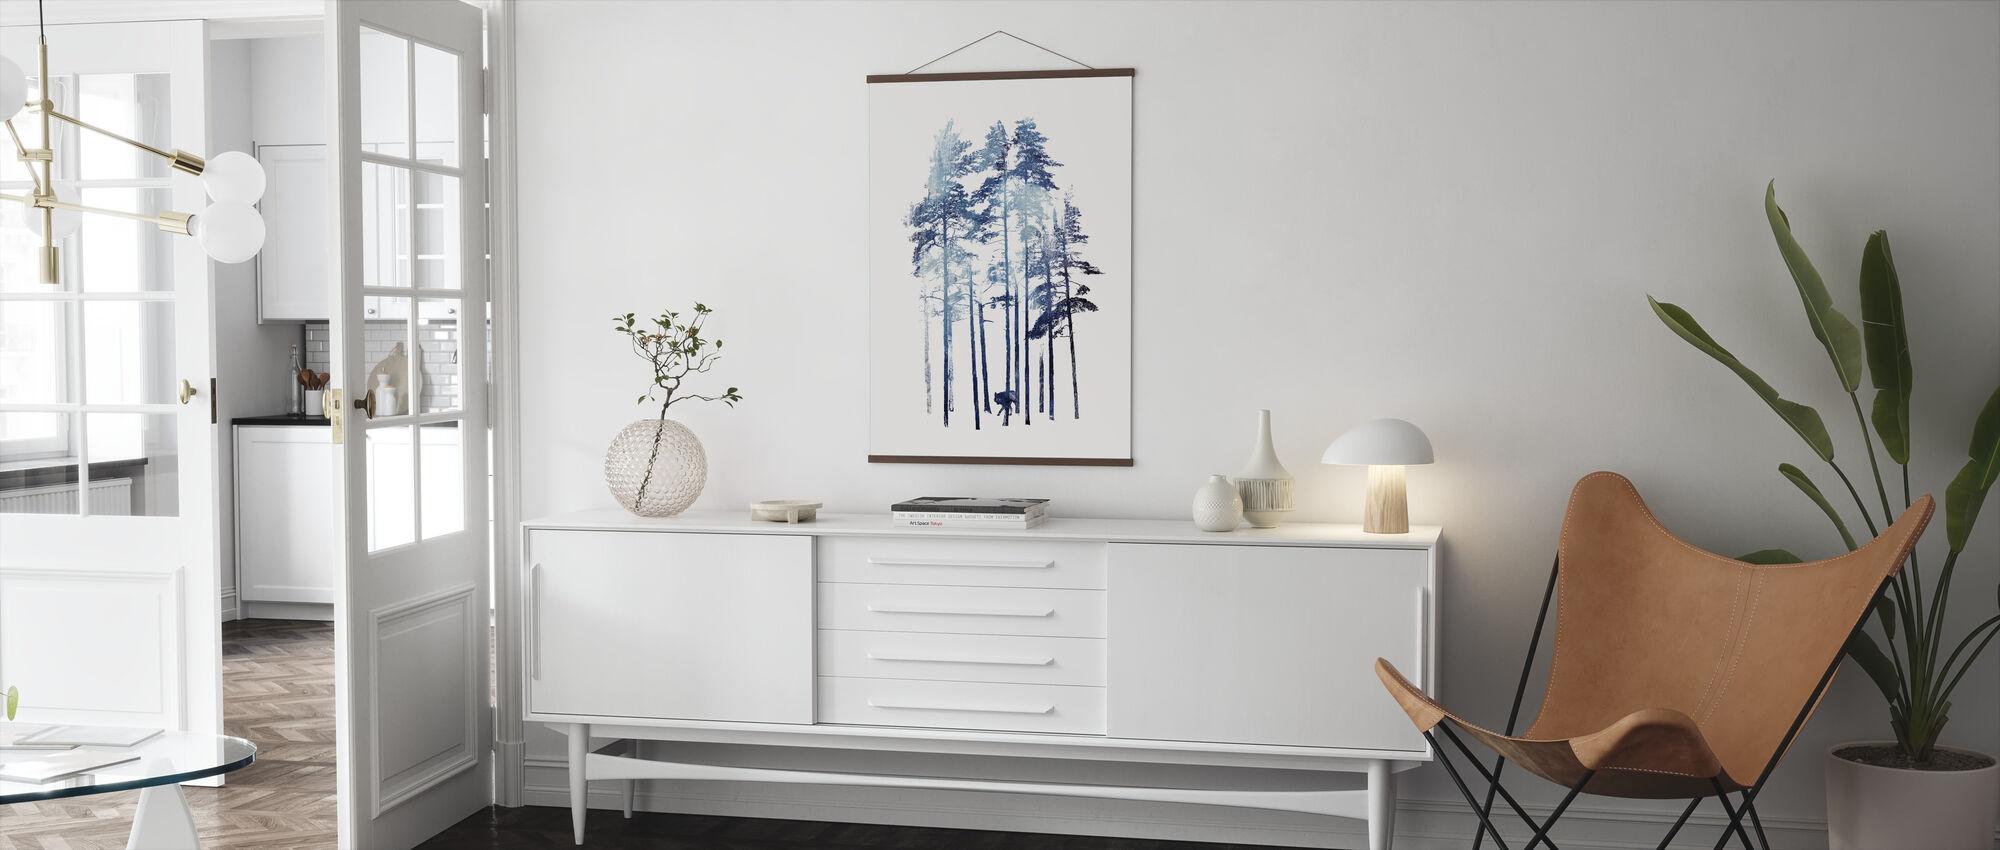 Vinter Varg - Poster - Vardagsrum